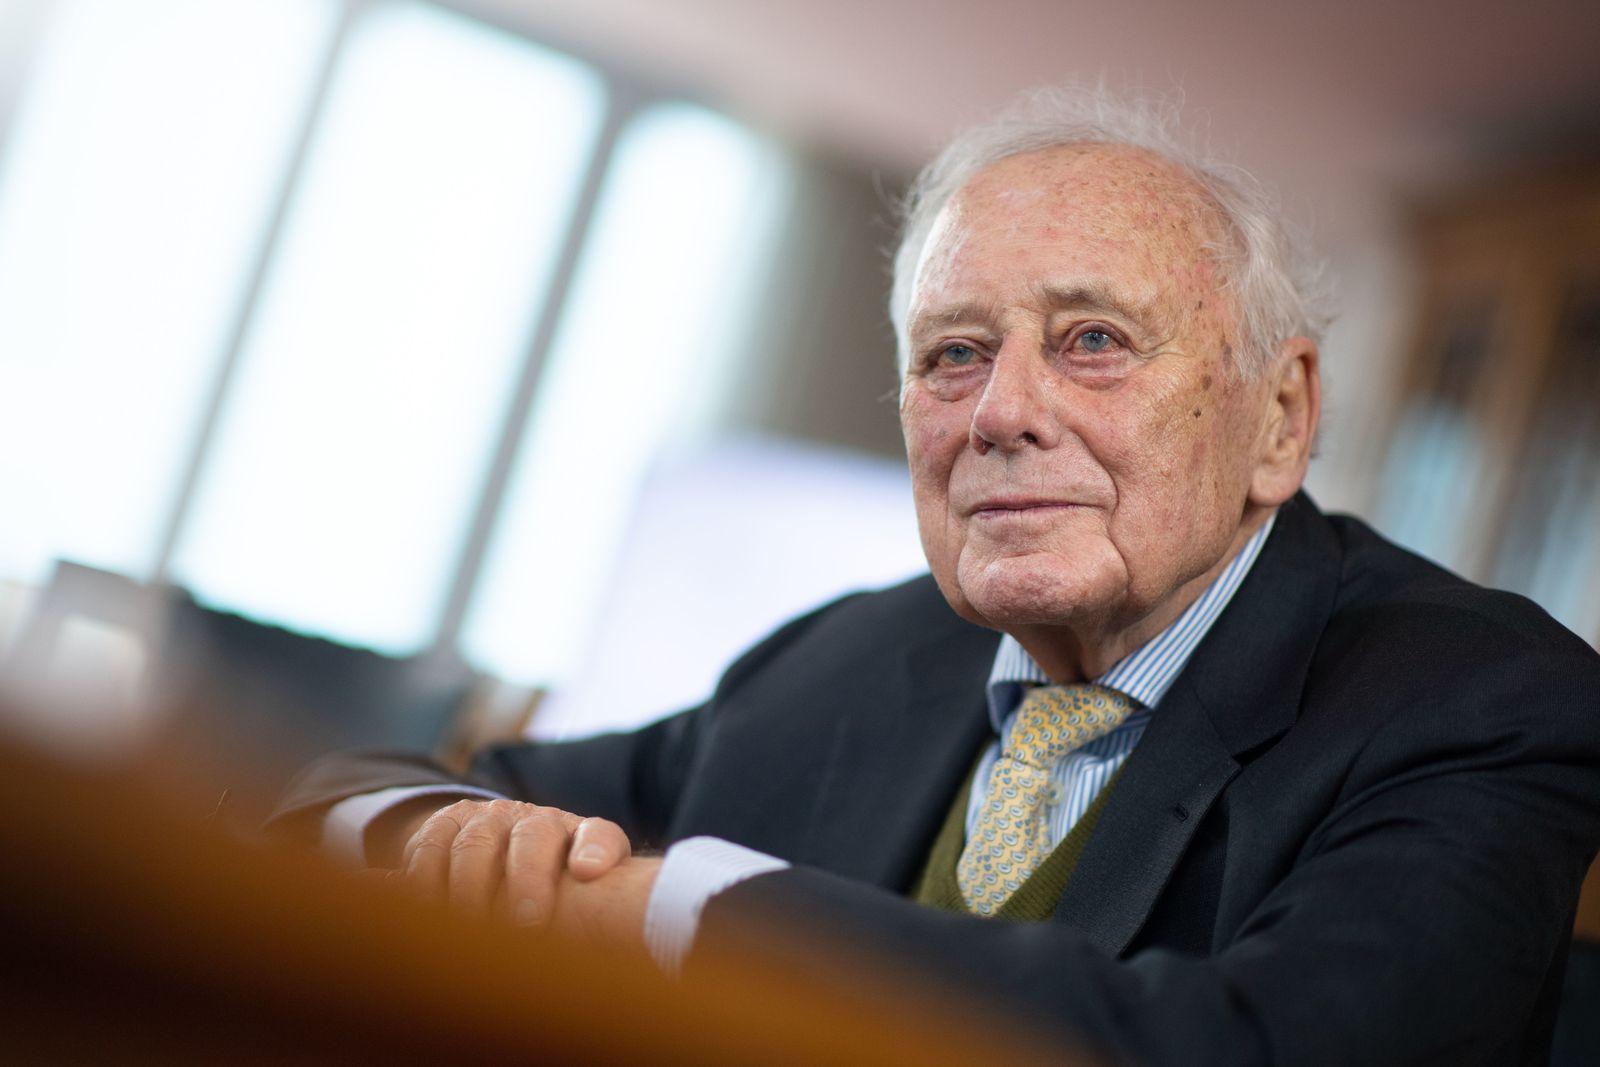 Konzerngründer Reinhold Würth